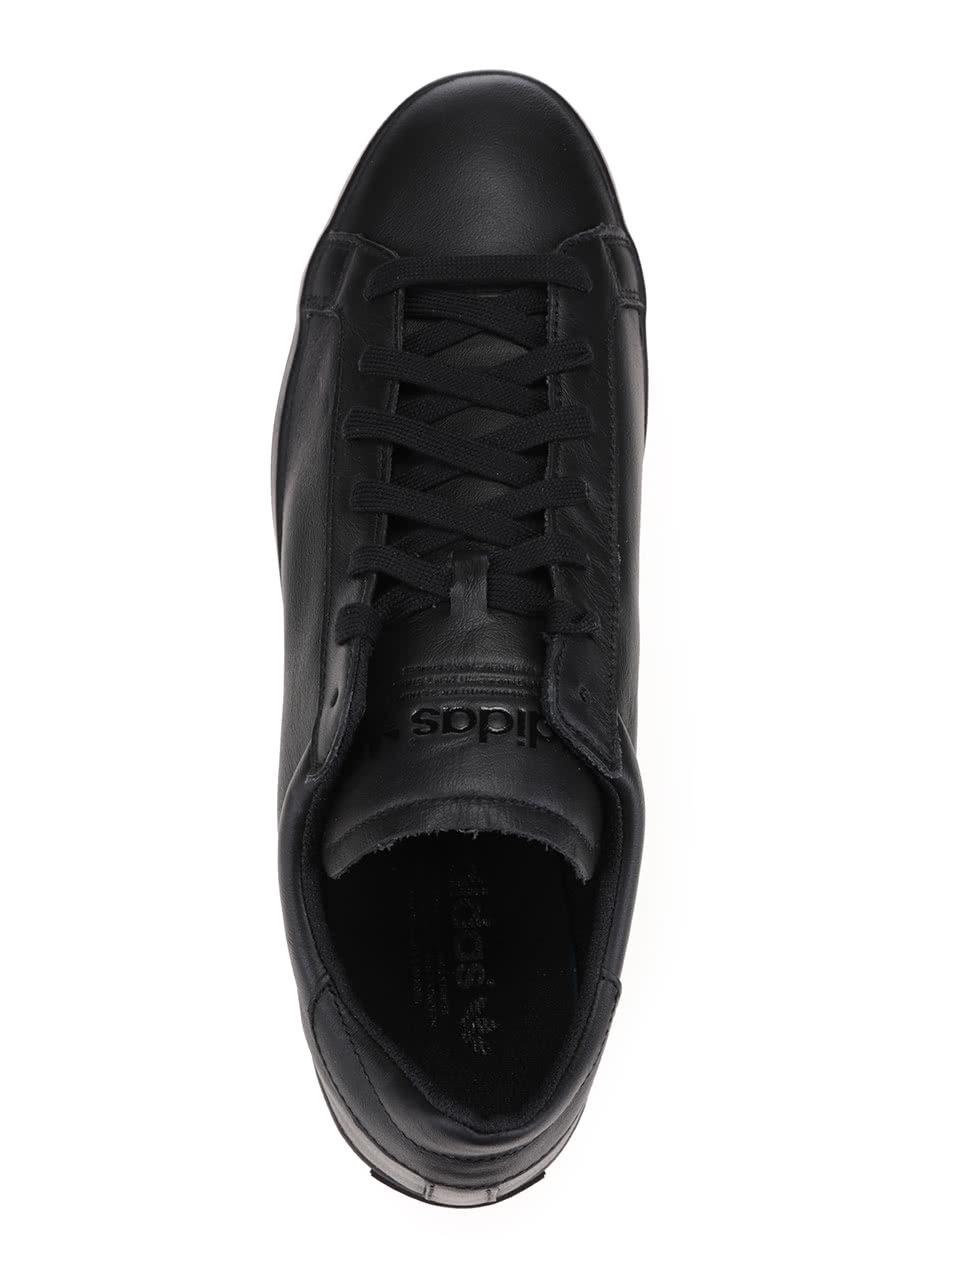 c32dcb8e2de Černé pánské kožené tenisky adidas Originals Court Vantage ...